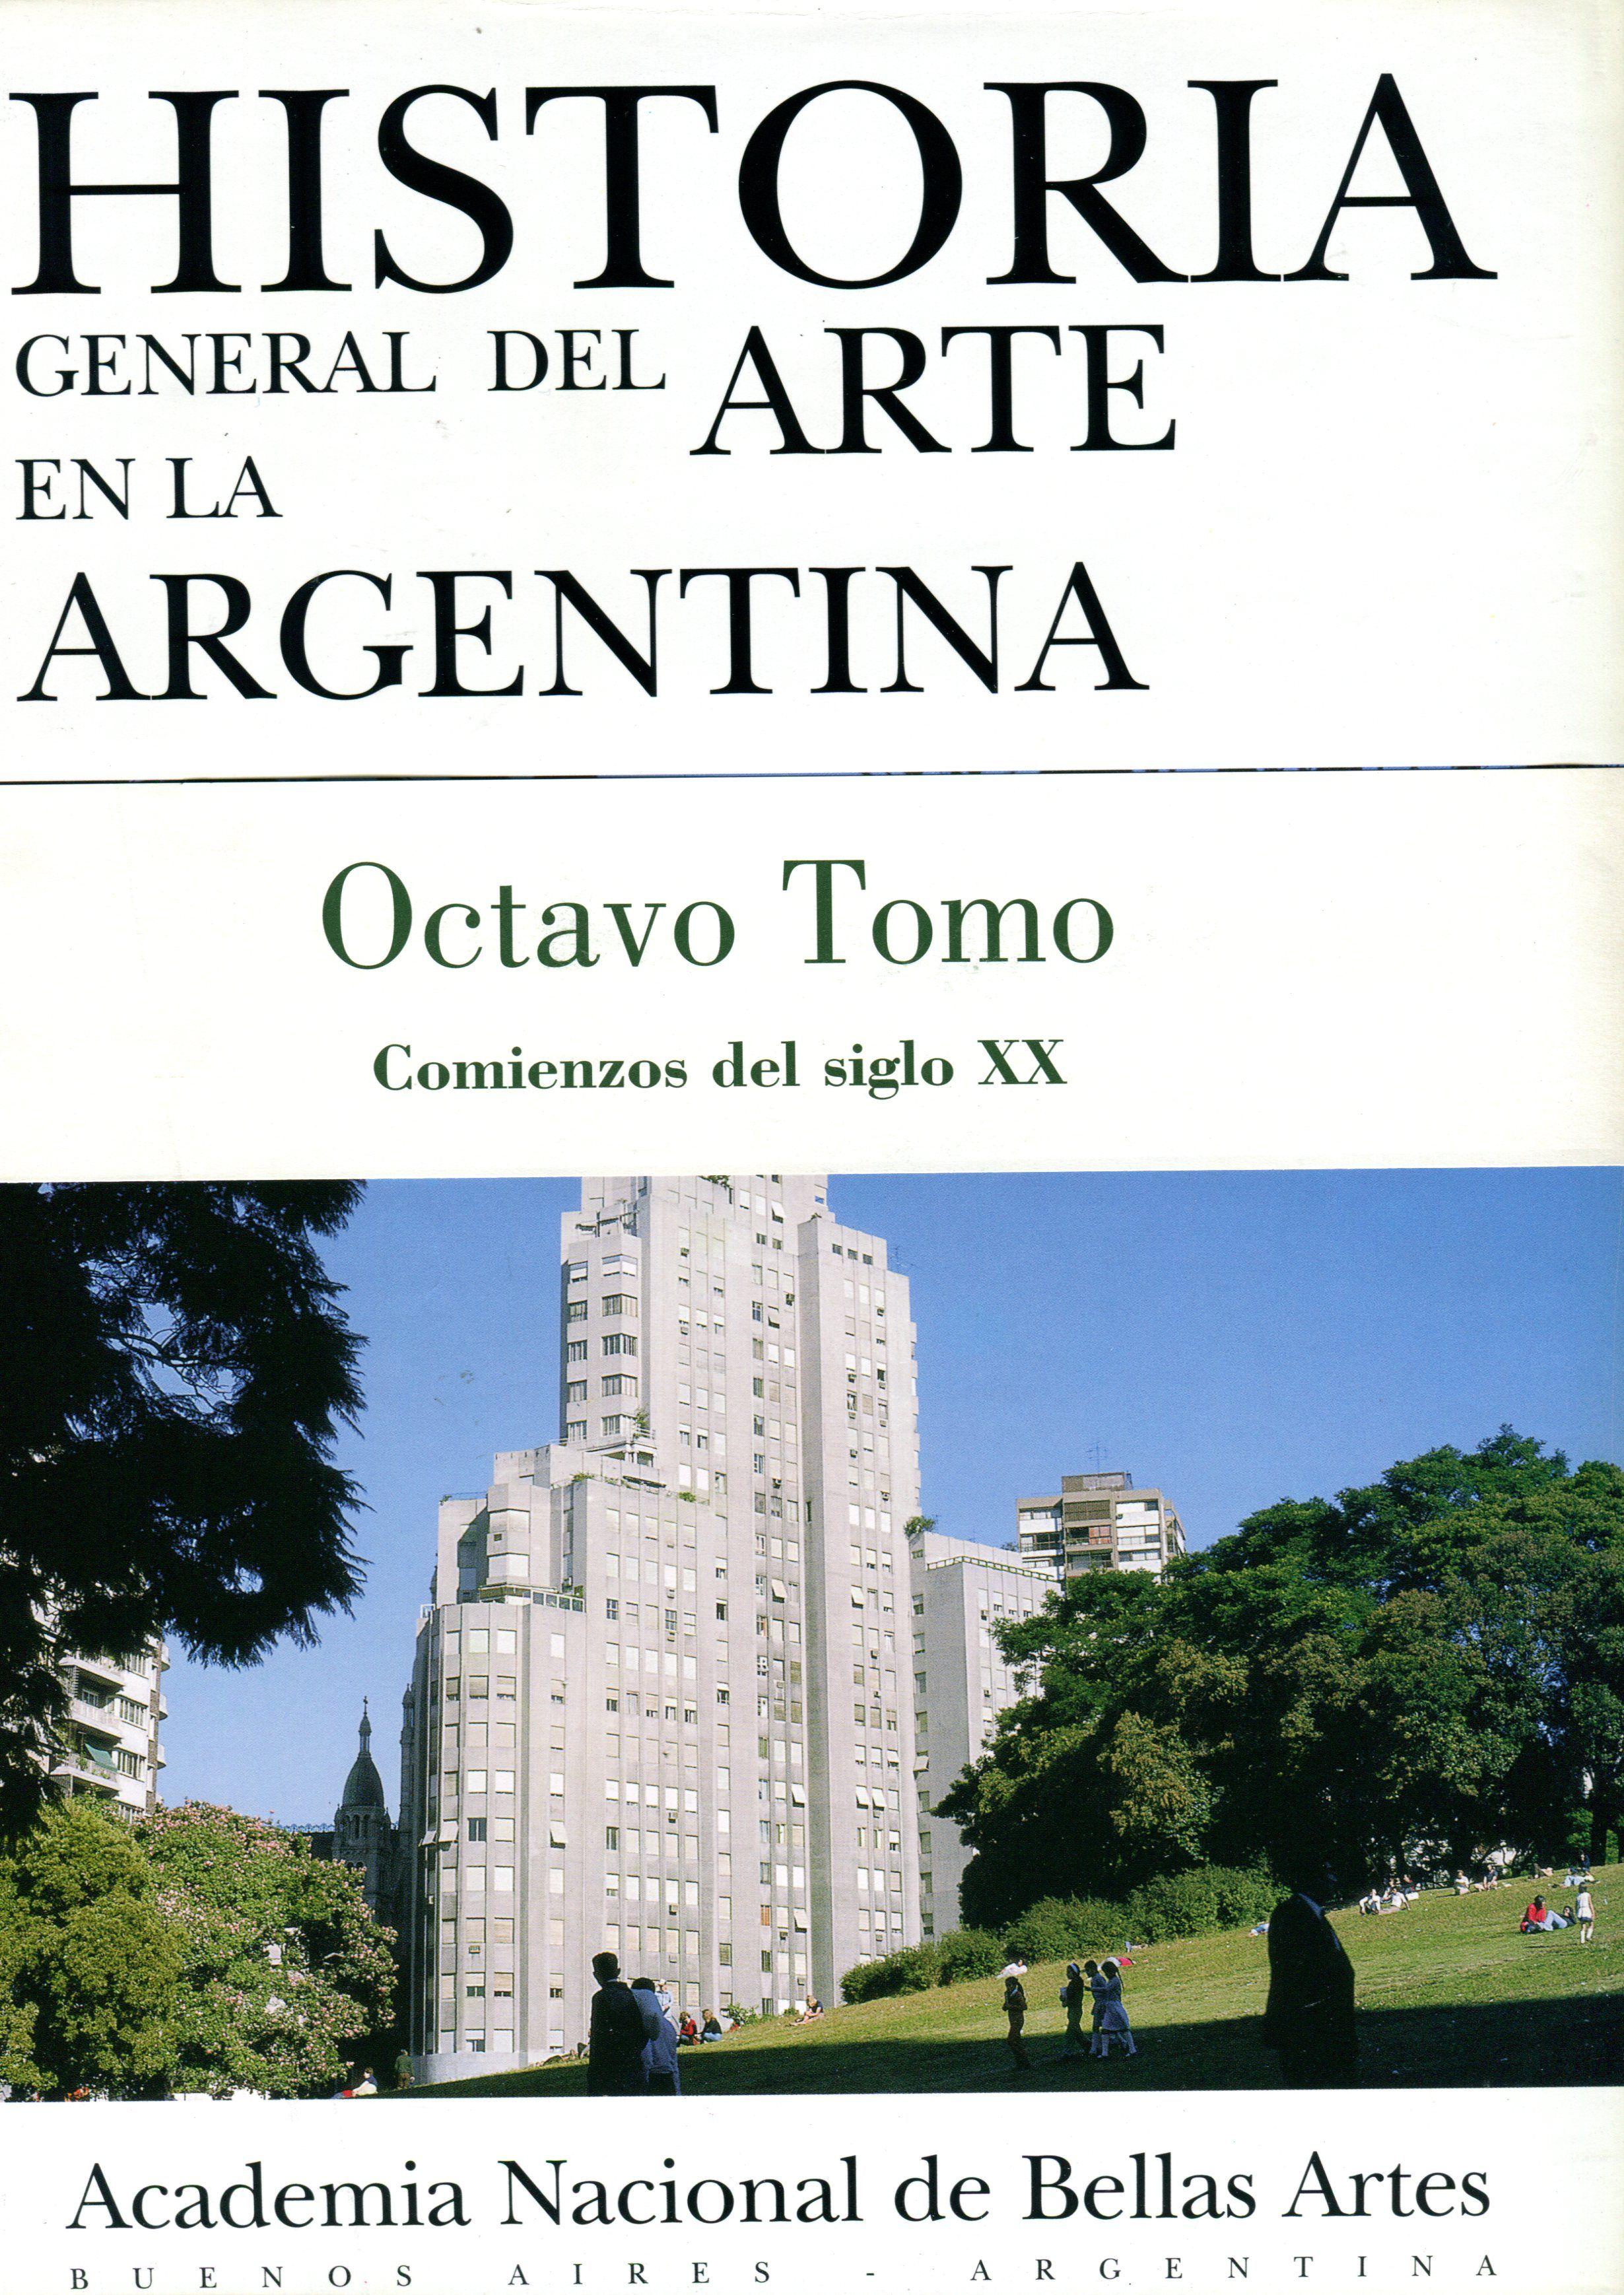 La arquitectura argentina (1900-1945) - La cinematografía argentina (1896-1945) - La interpretación musical III (1926-1945) - La pintura en la Argentina (1915-1945). ANBA,1999. 456p.:il.col.